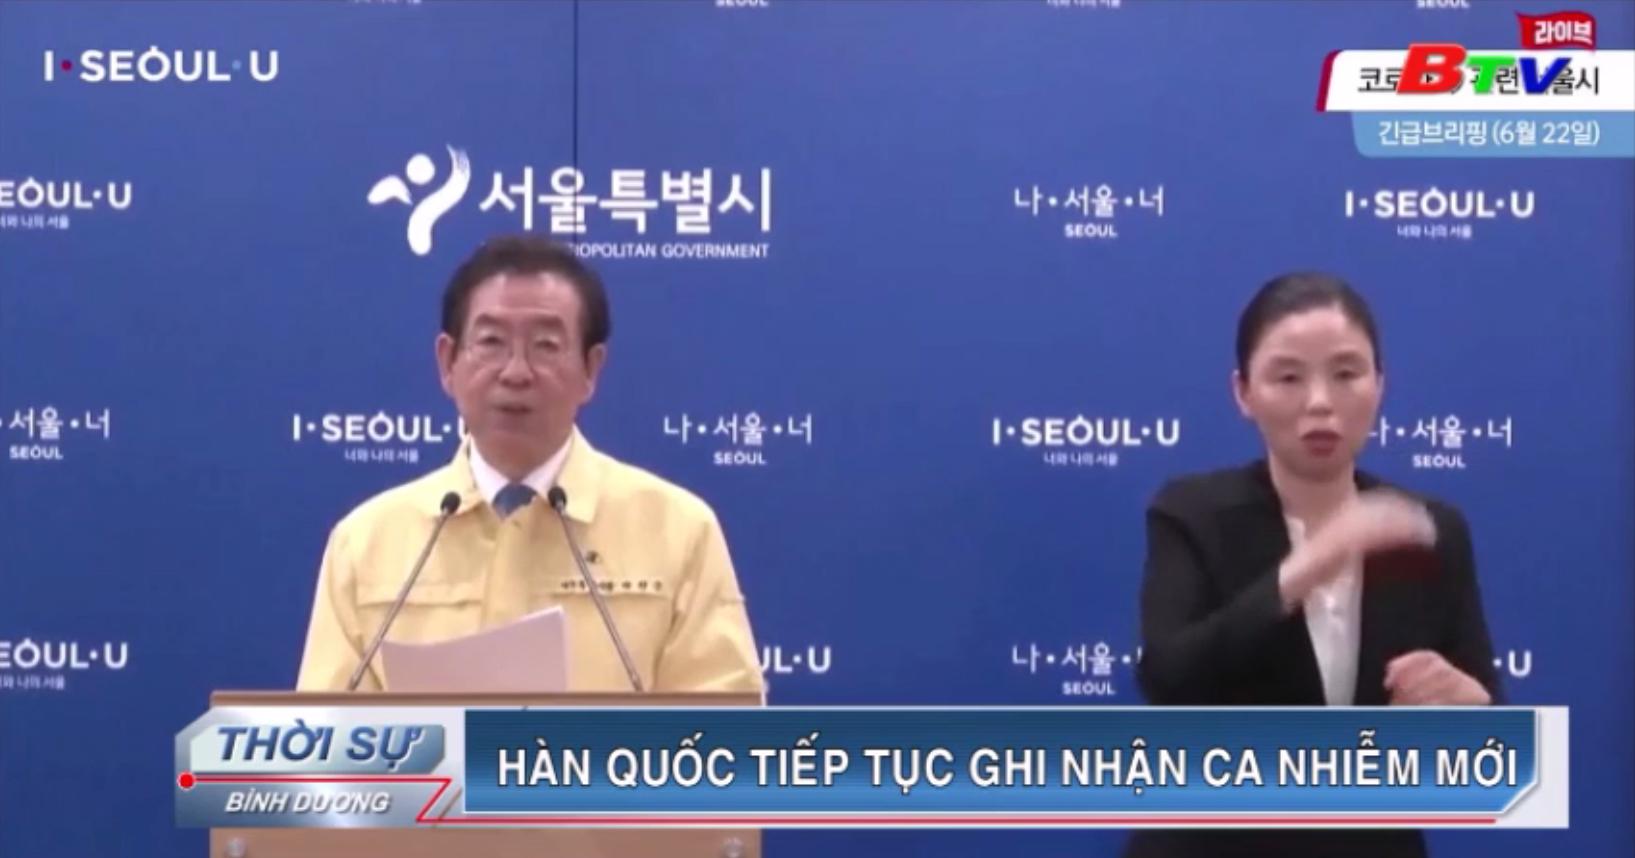 Hàn Quốc tiếp tục ghi nhận ca nhiễm mới